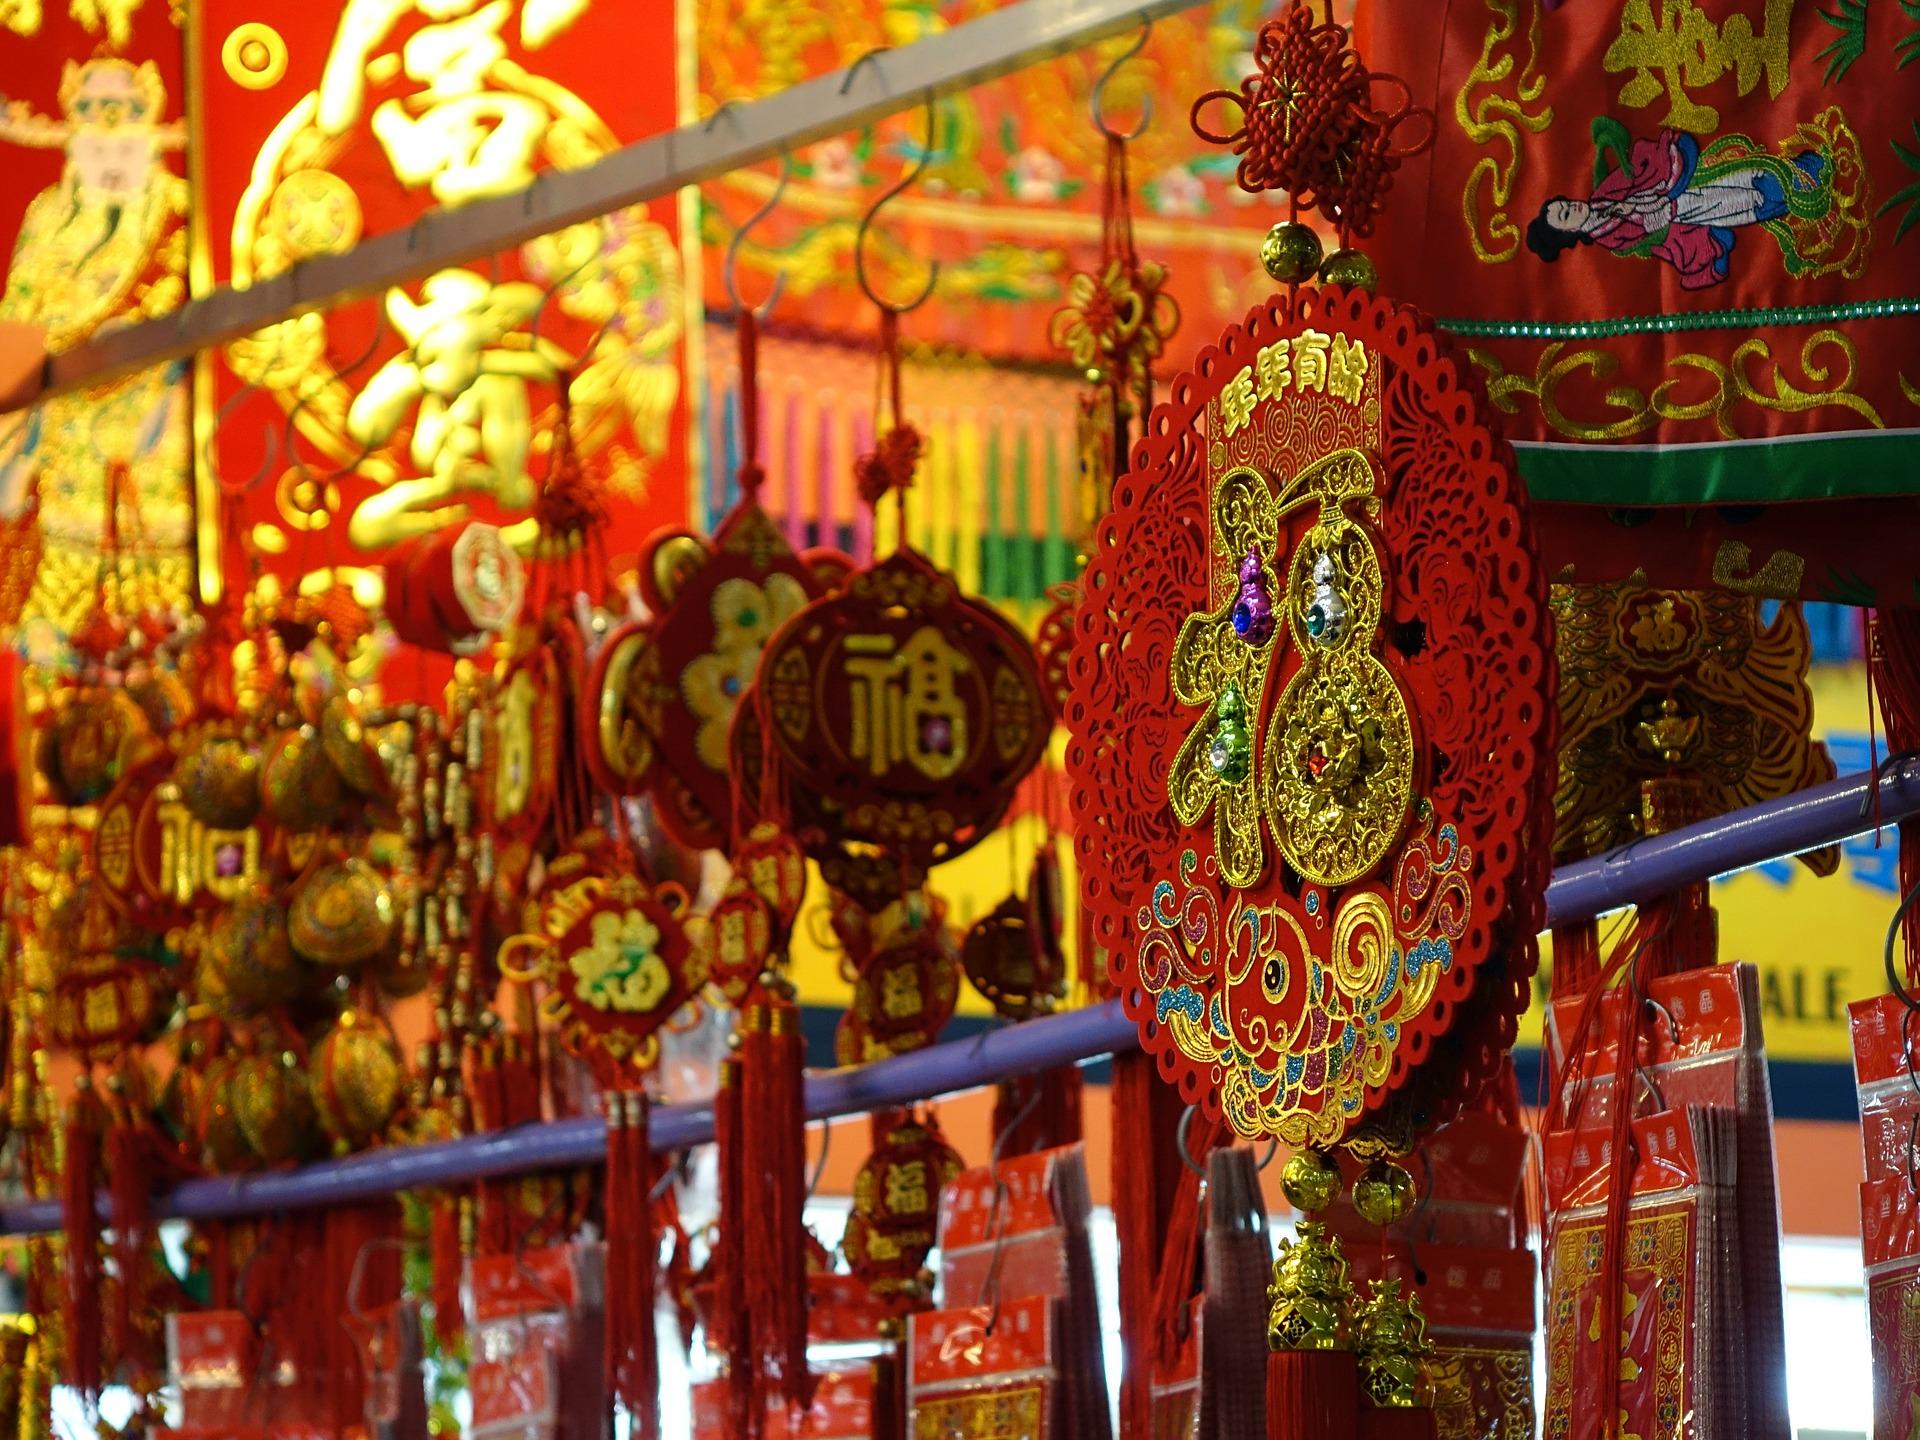 Protezione dati e 'modello cinese', tutta una questione geopolitica?